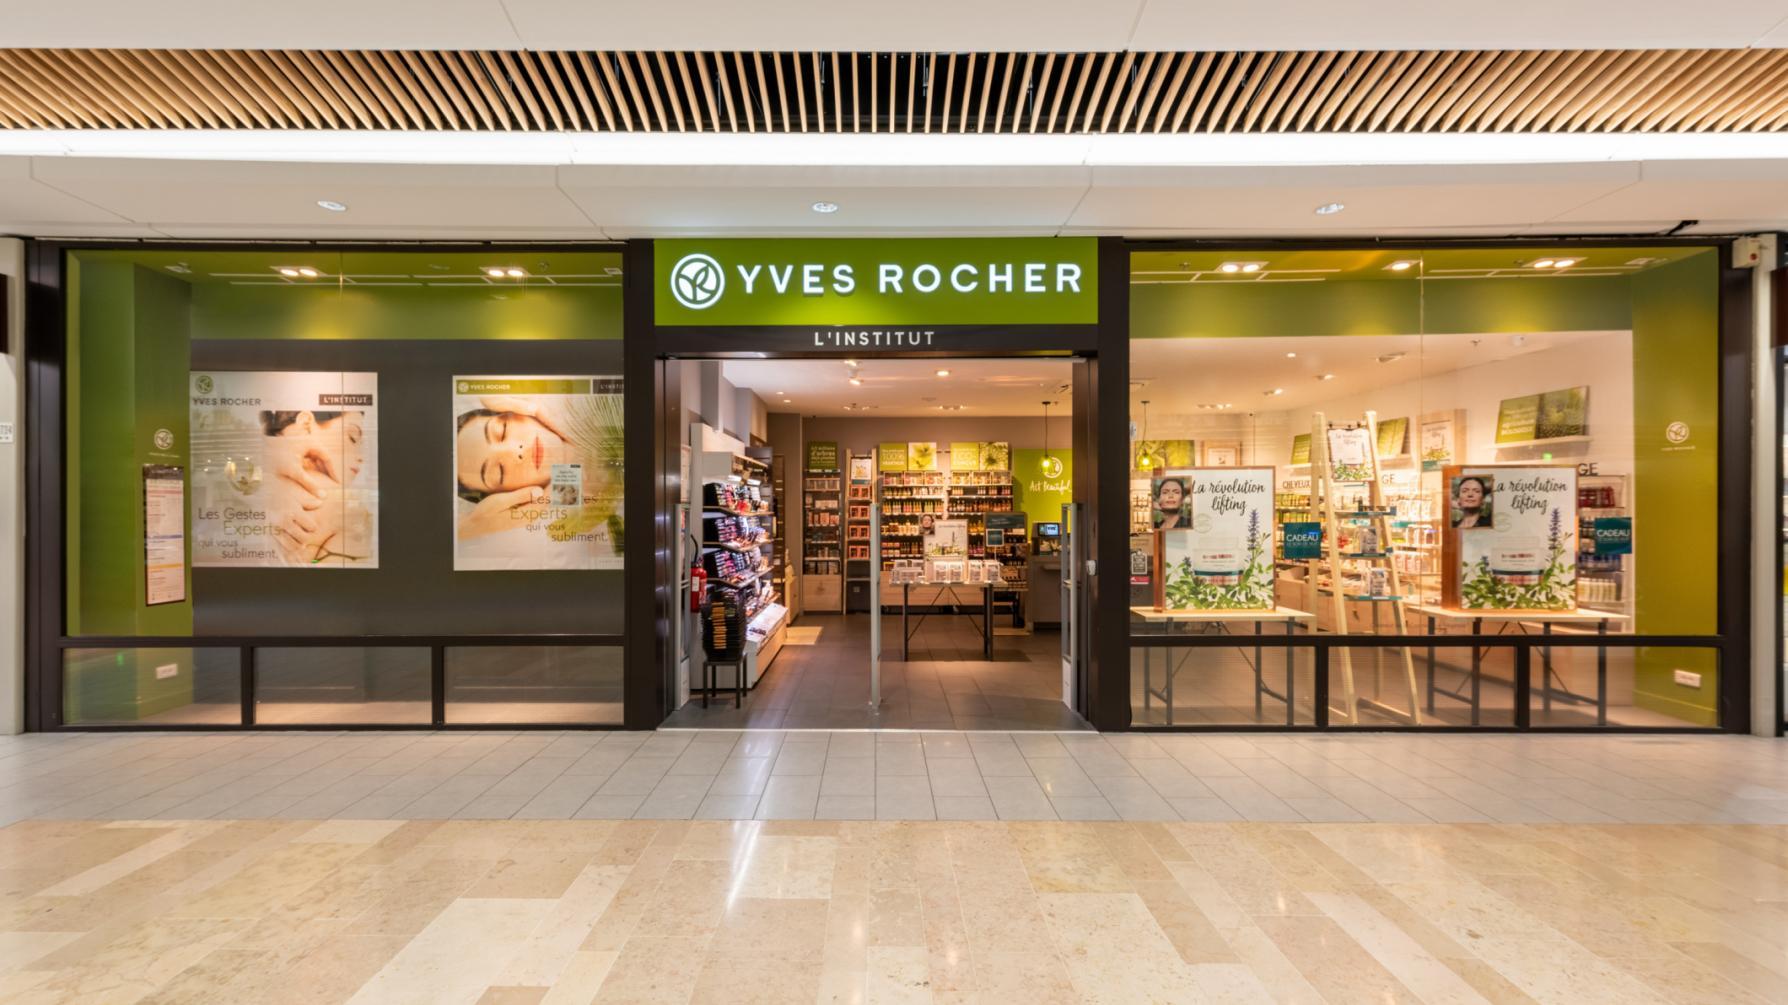 Yves Rocher Vaulx En Velin